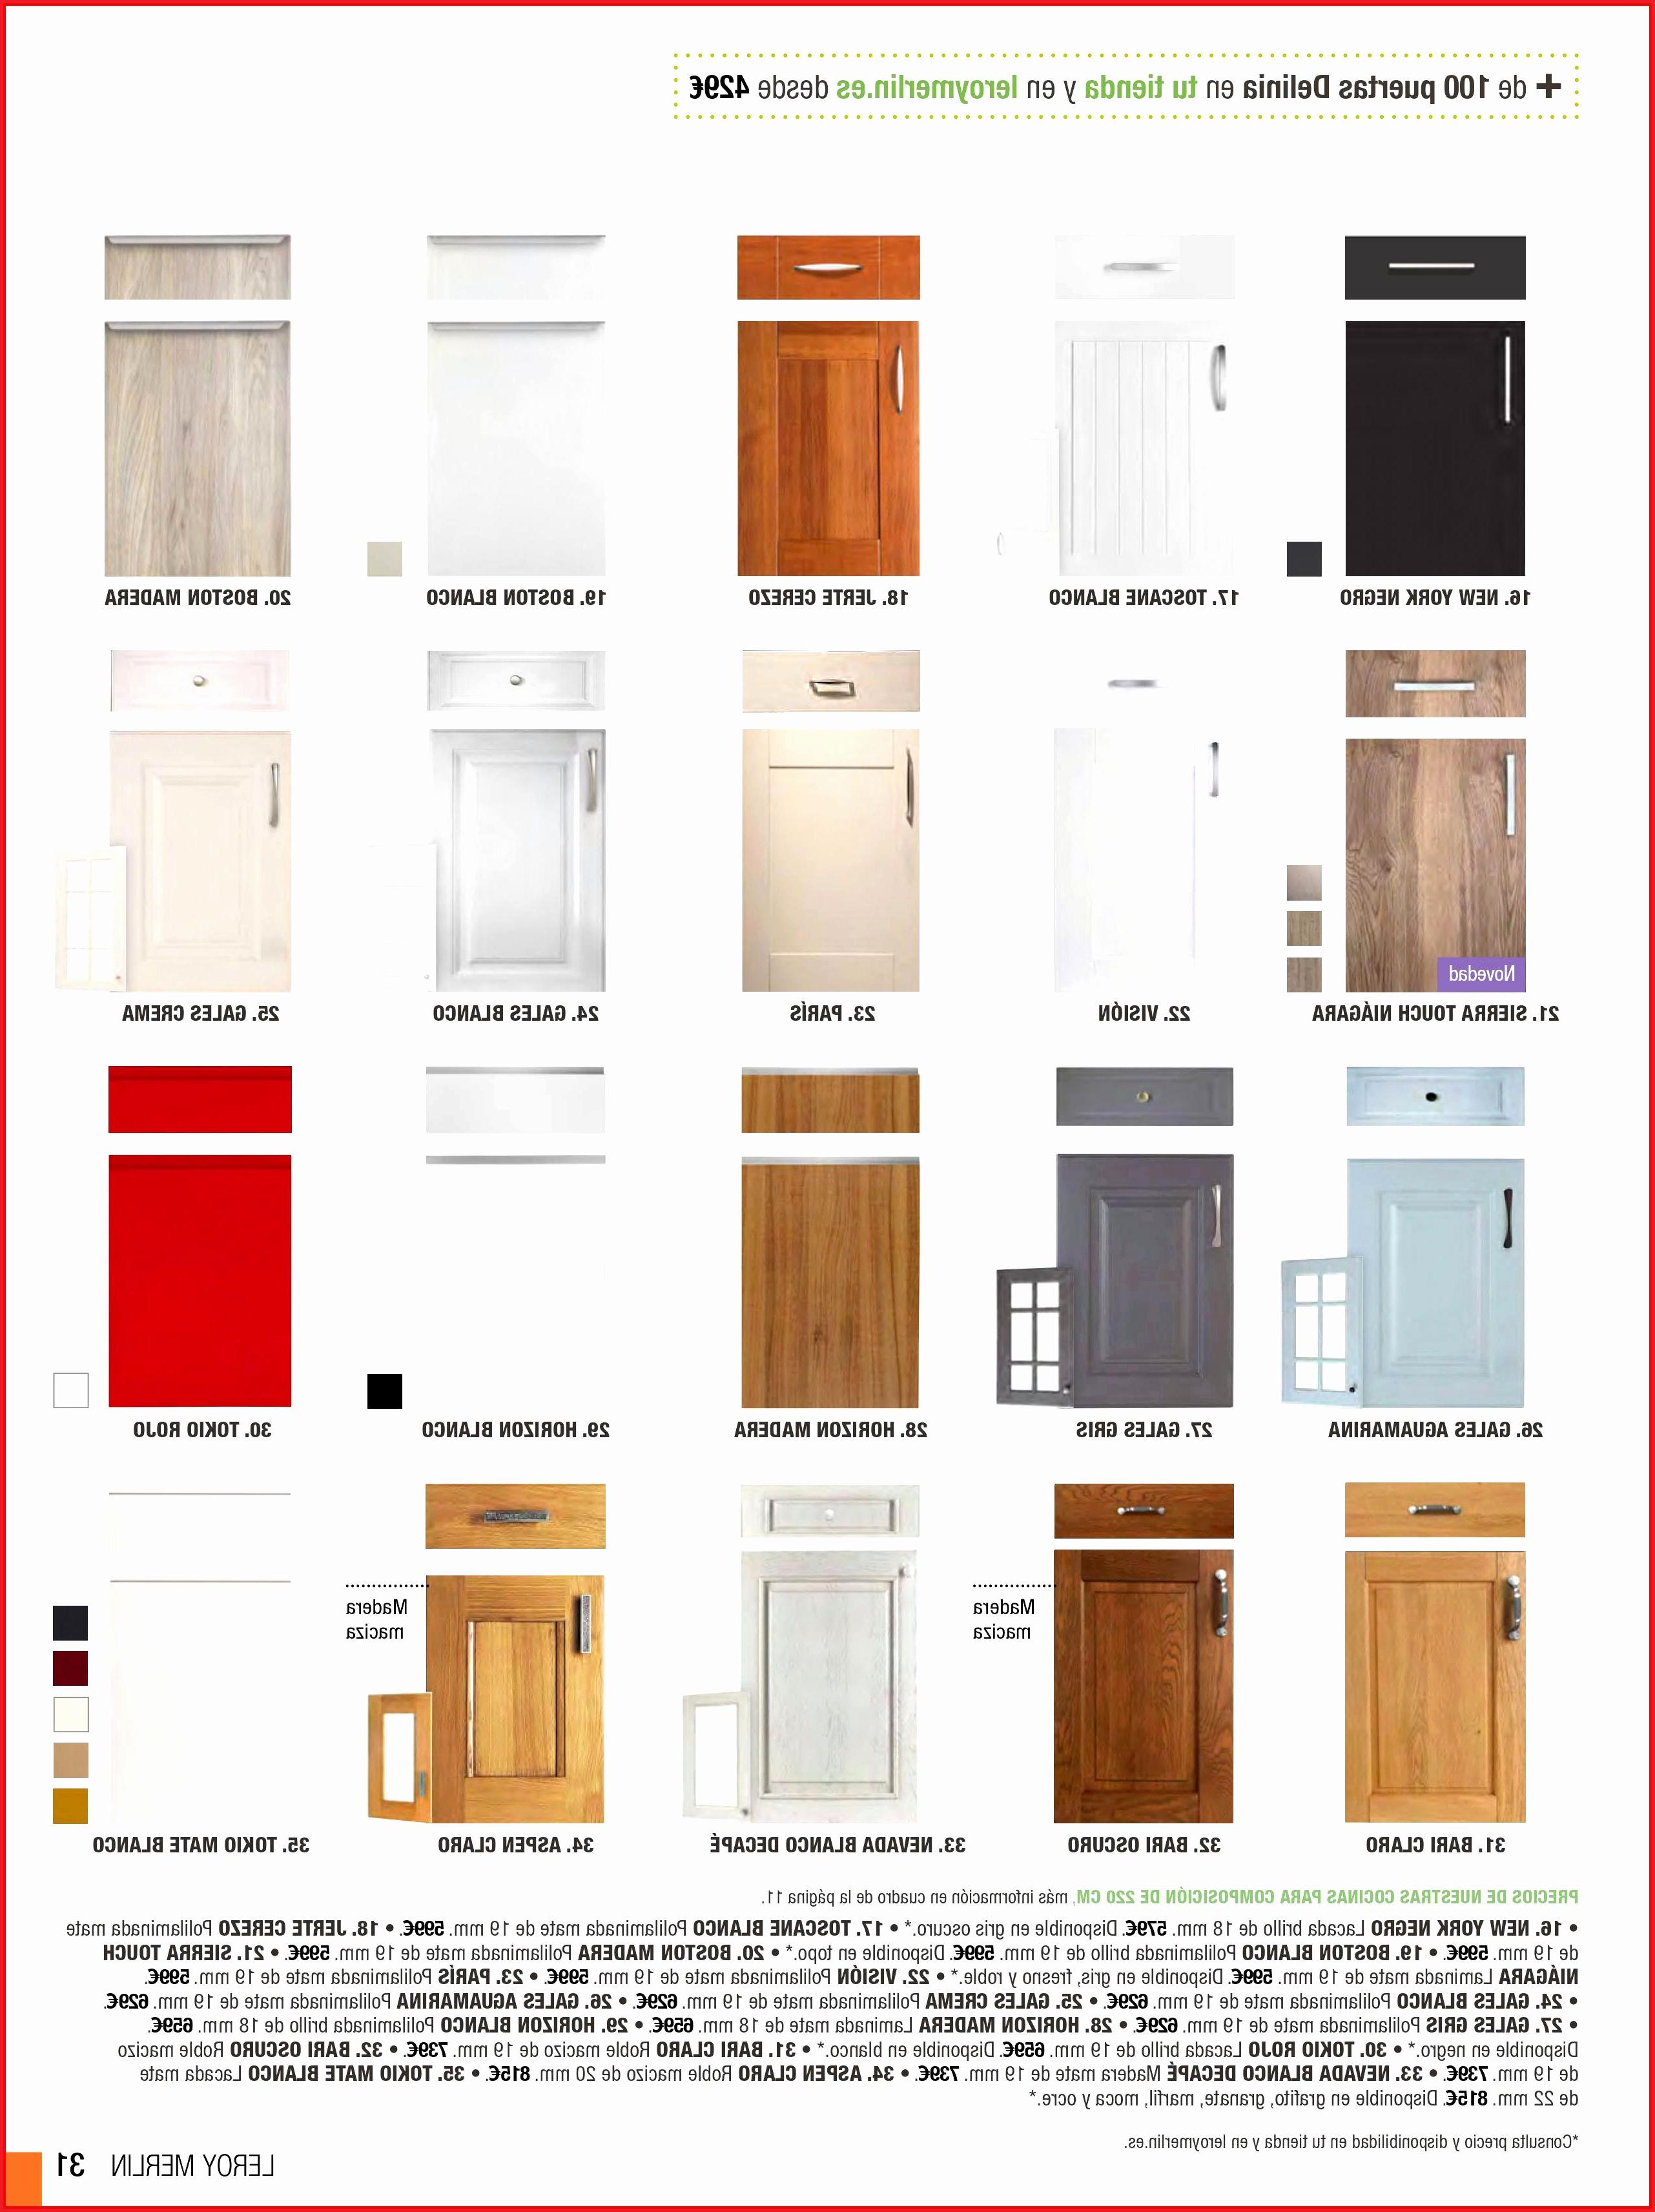 Puertas De Armarios De Cocina Tqd3 Puertas Armarios Cocina Leroy Merlin Puertas Muebles Cocina